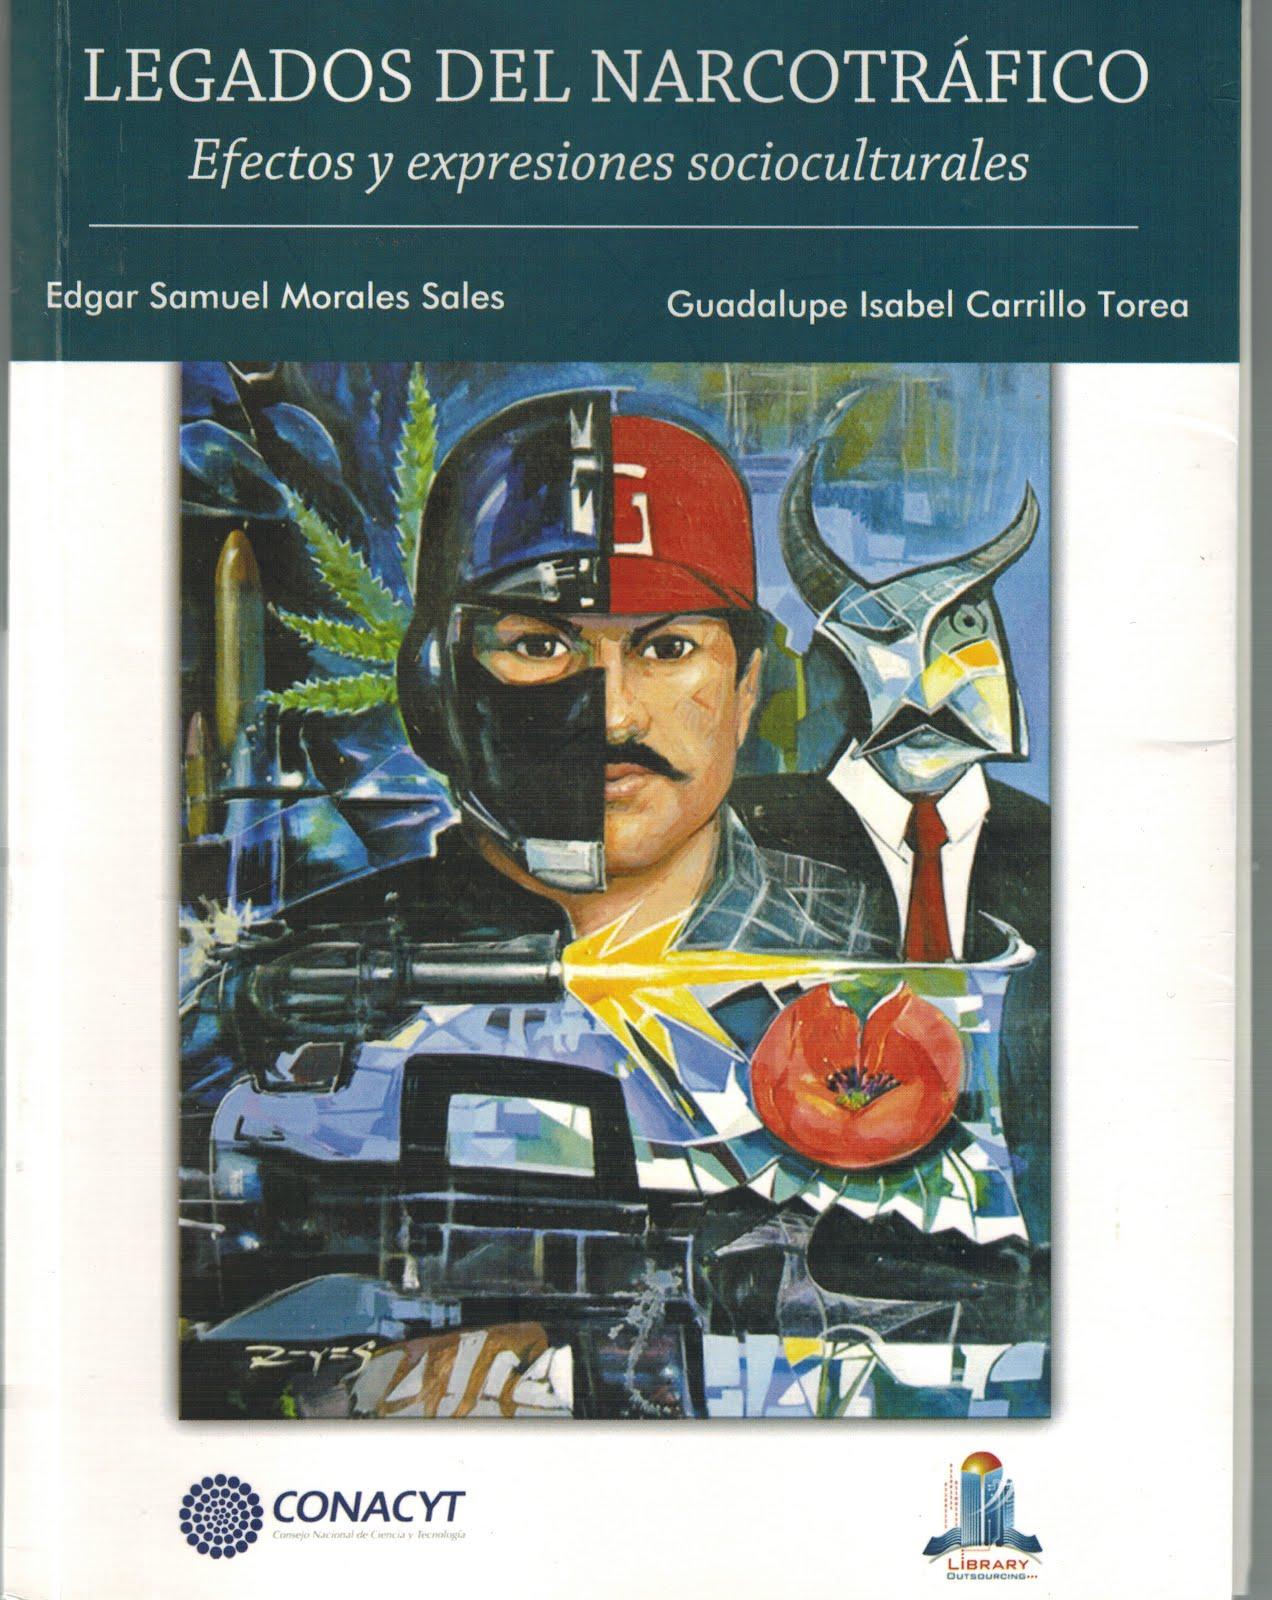 Legados del narcotráfico. Efectos y expresiones socioculturales